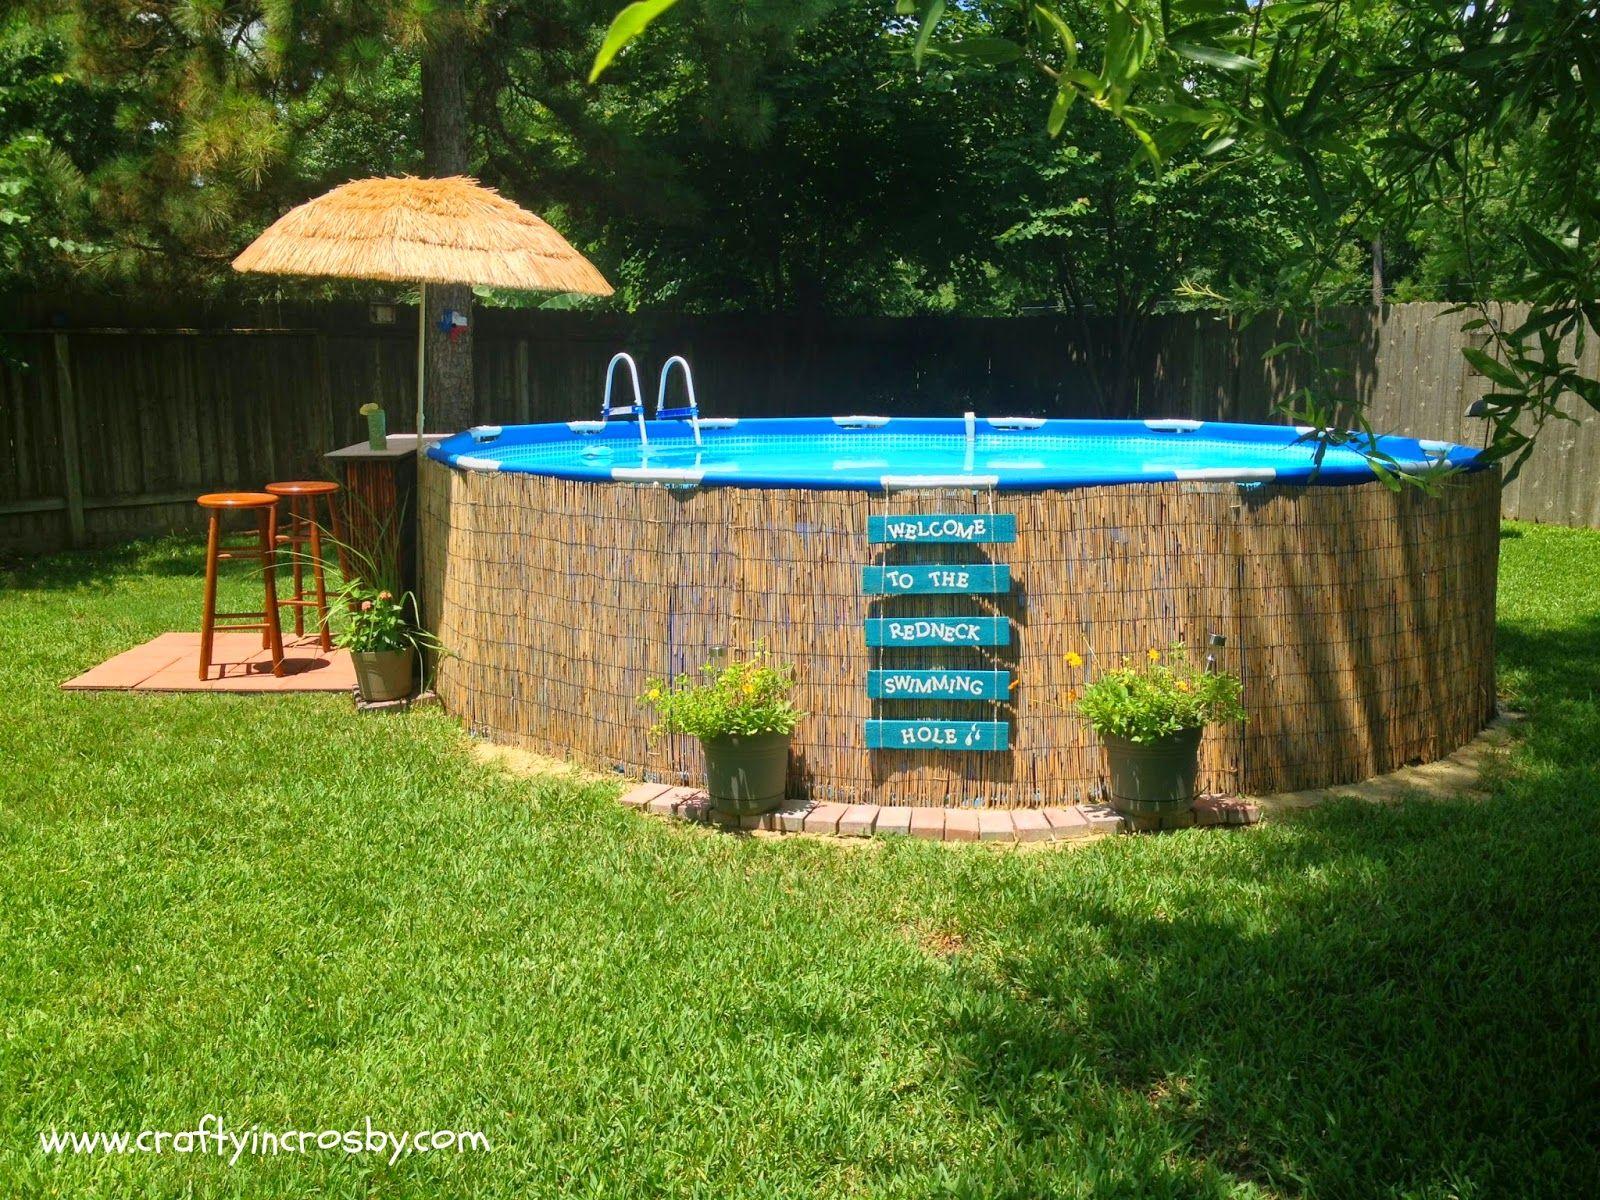 Excellente idée pour intégrer sa piscine hors sol tubulaire Intex dans son  jardin ! Hyper simple et ambiance tropicale assurée ) intex idée deco